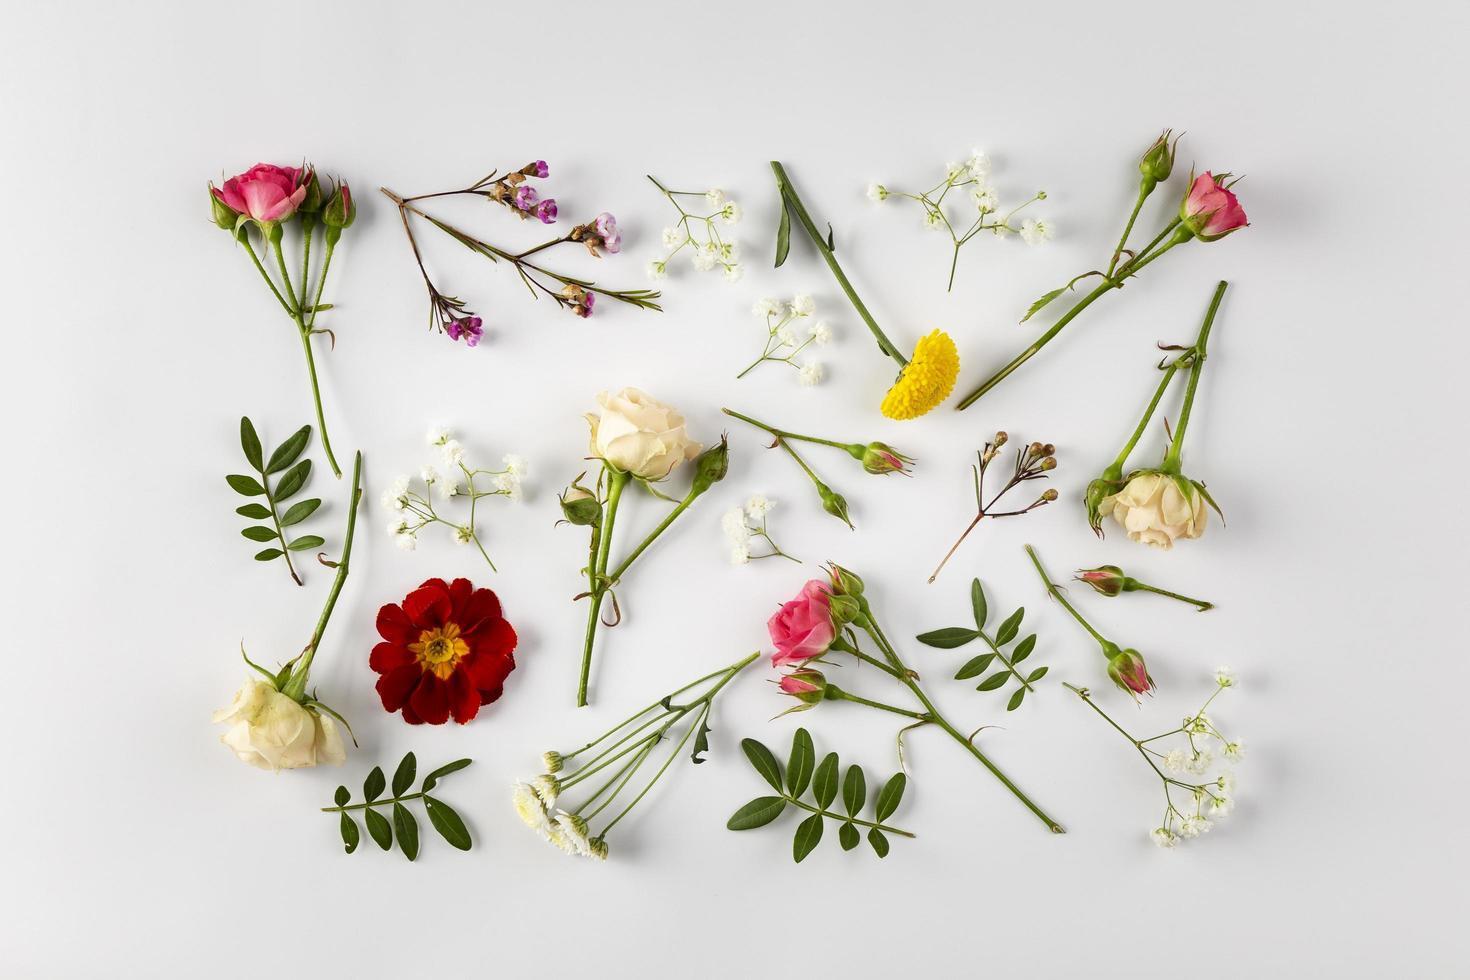 vista superior de flores en la mesa foto